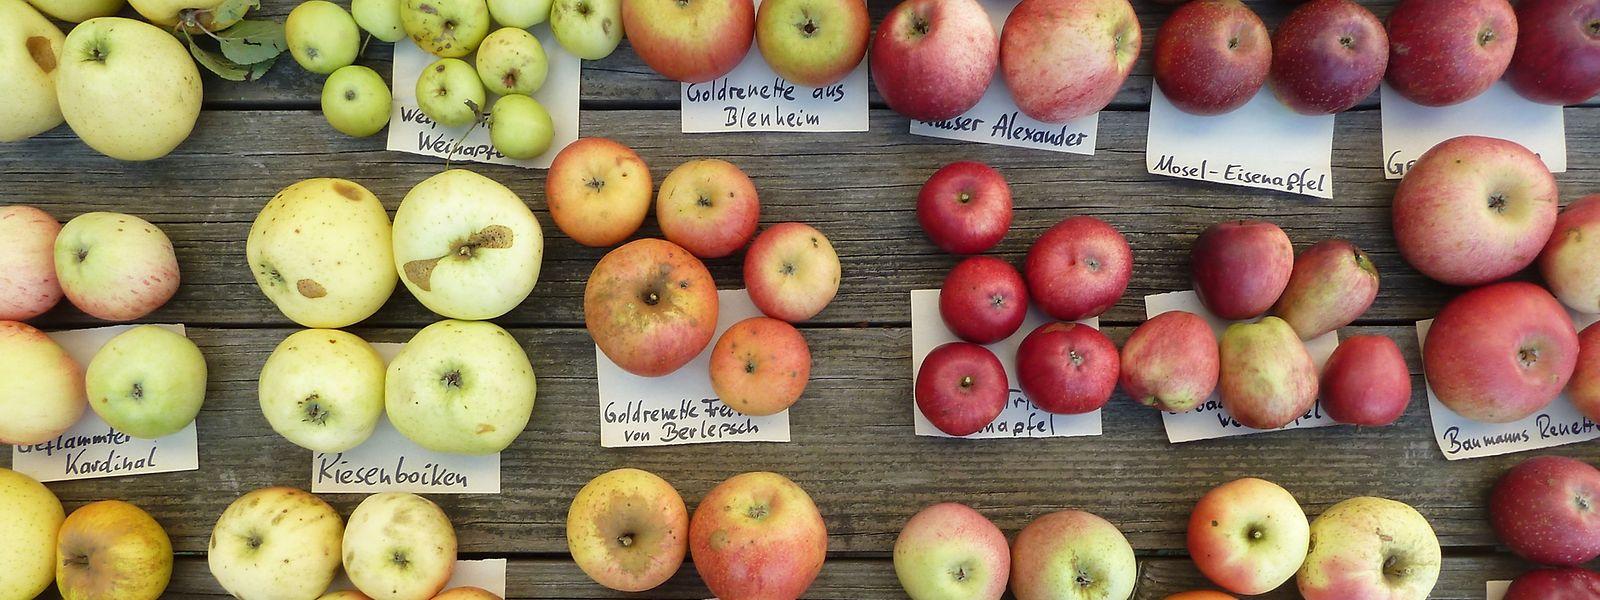 Äpfel können je nach Sorte hellgrün, goldig, dunkelrot oder gar mehrfarbig sein.